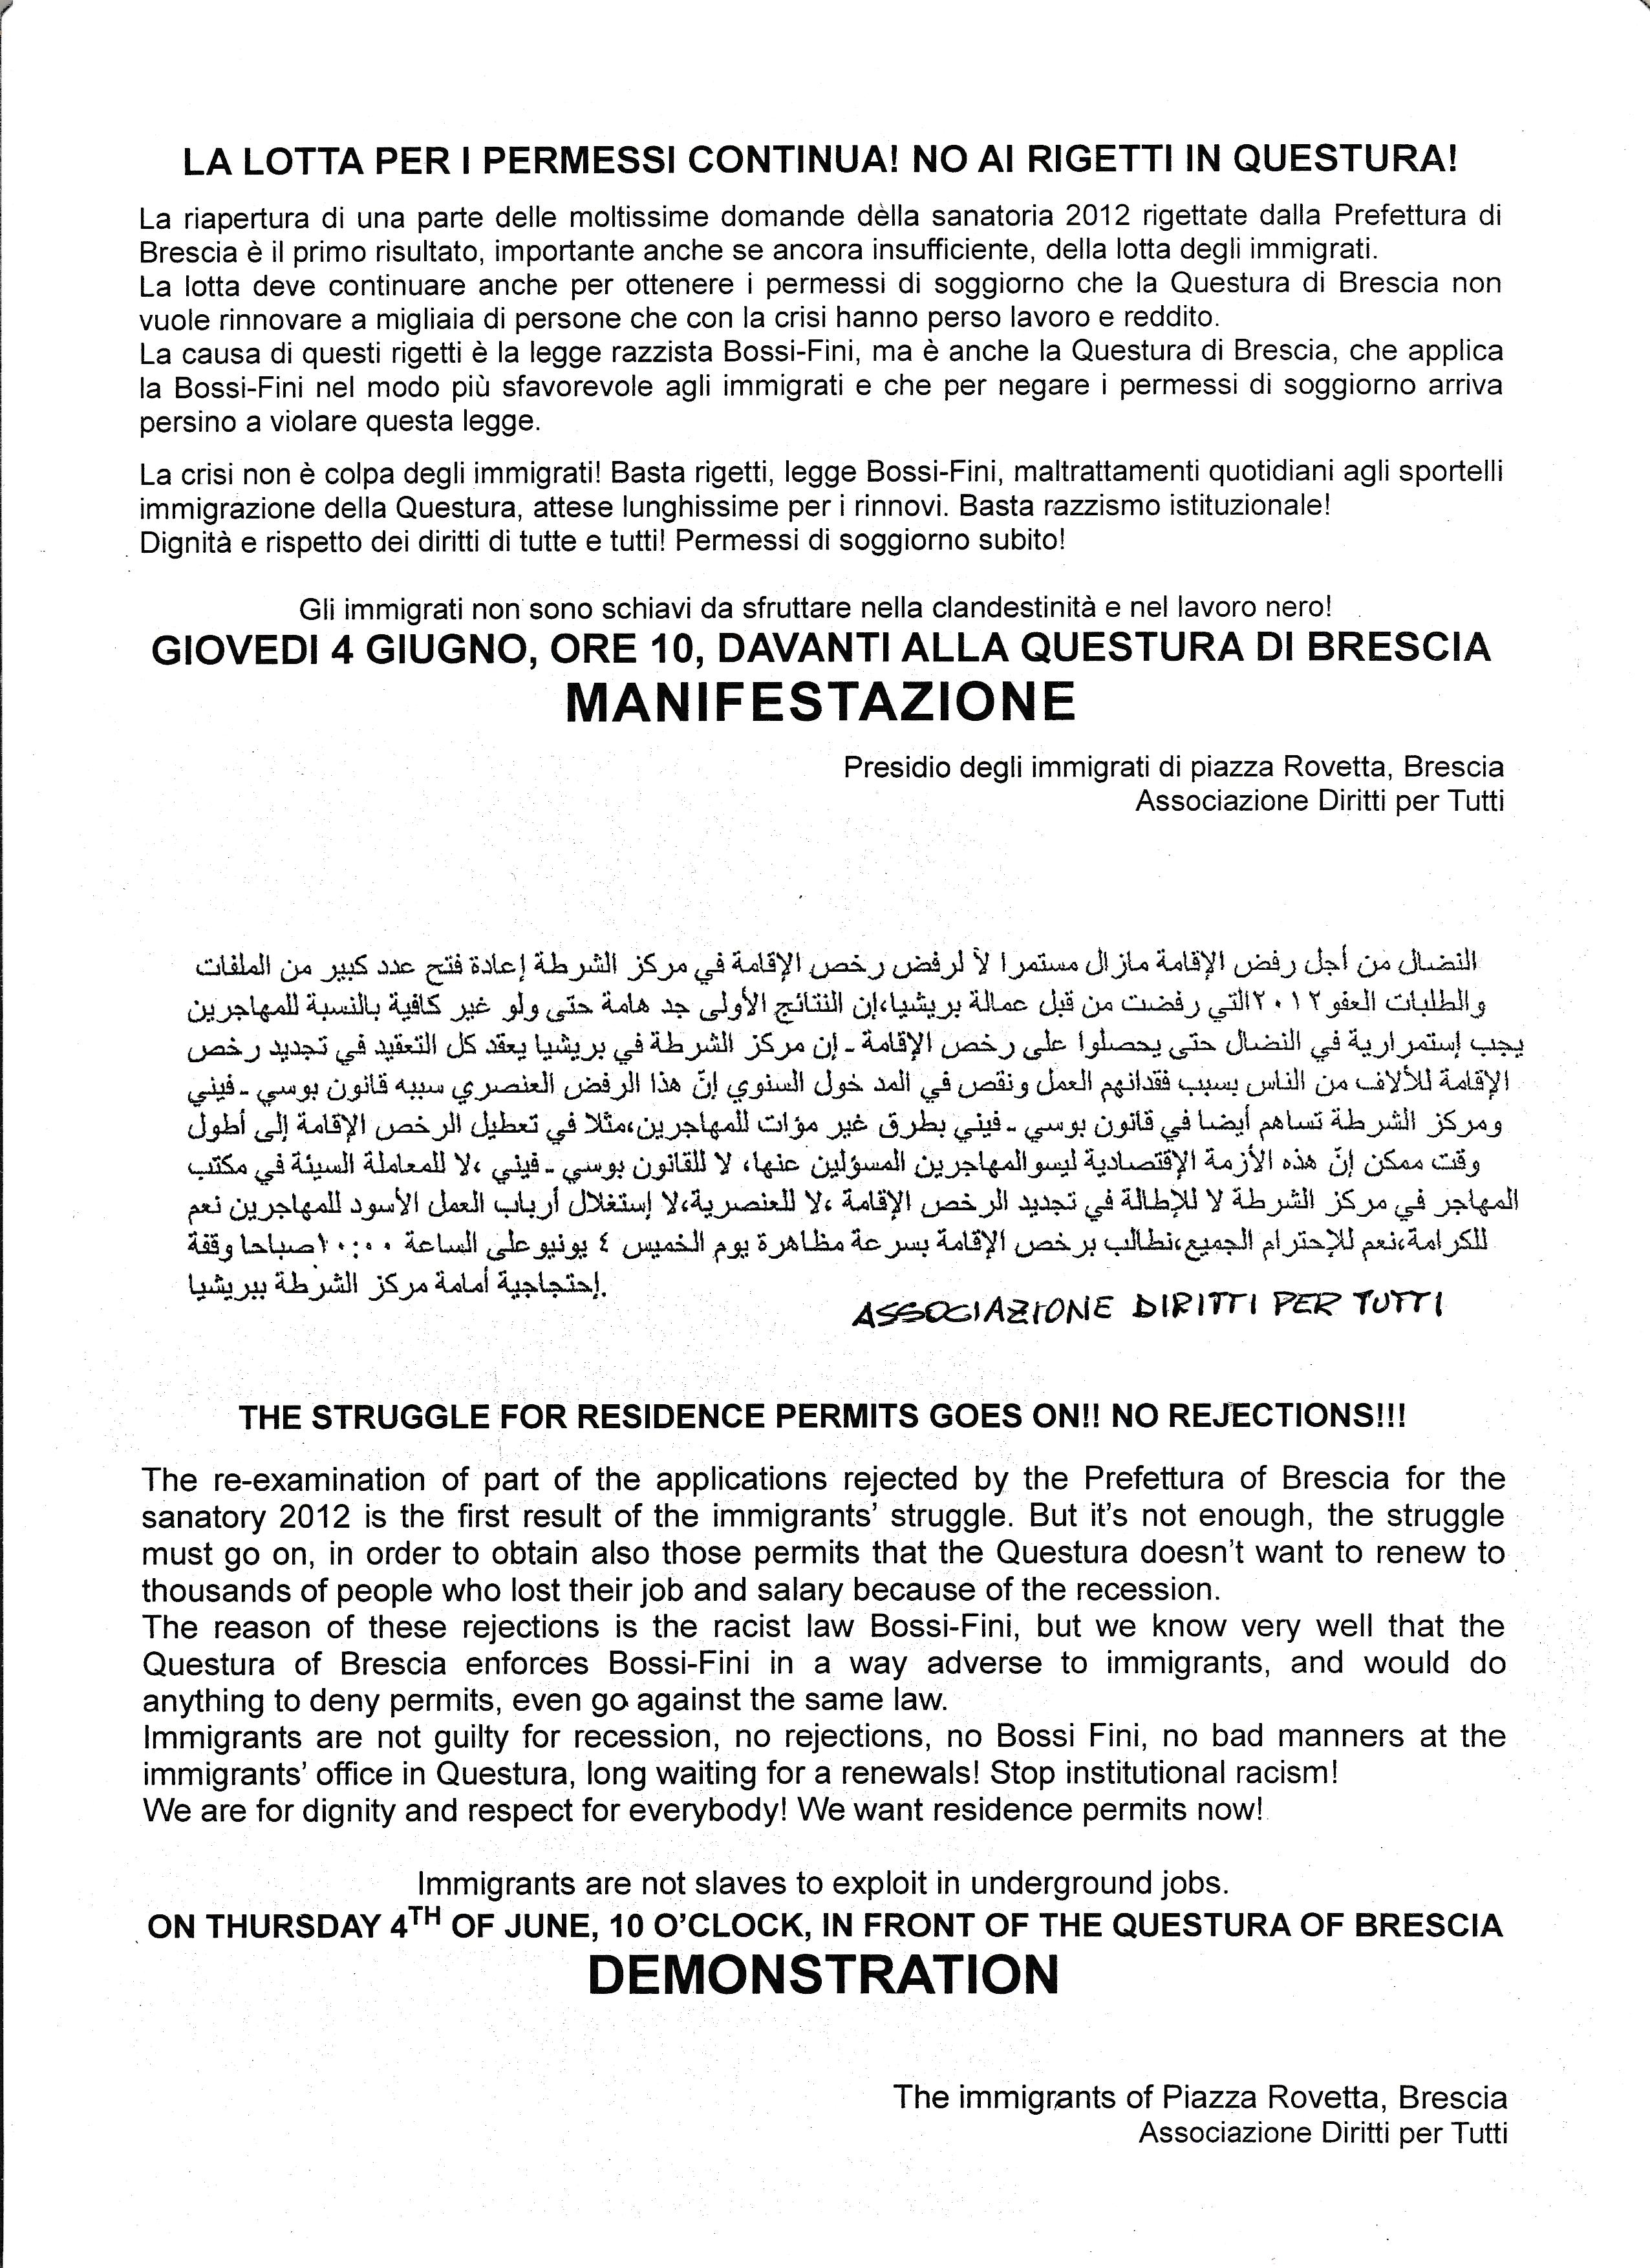 Lotta per i permessi: i nuovi appuntamenti « Associazione Diritti ...